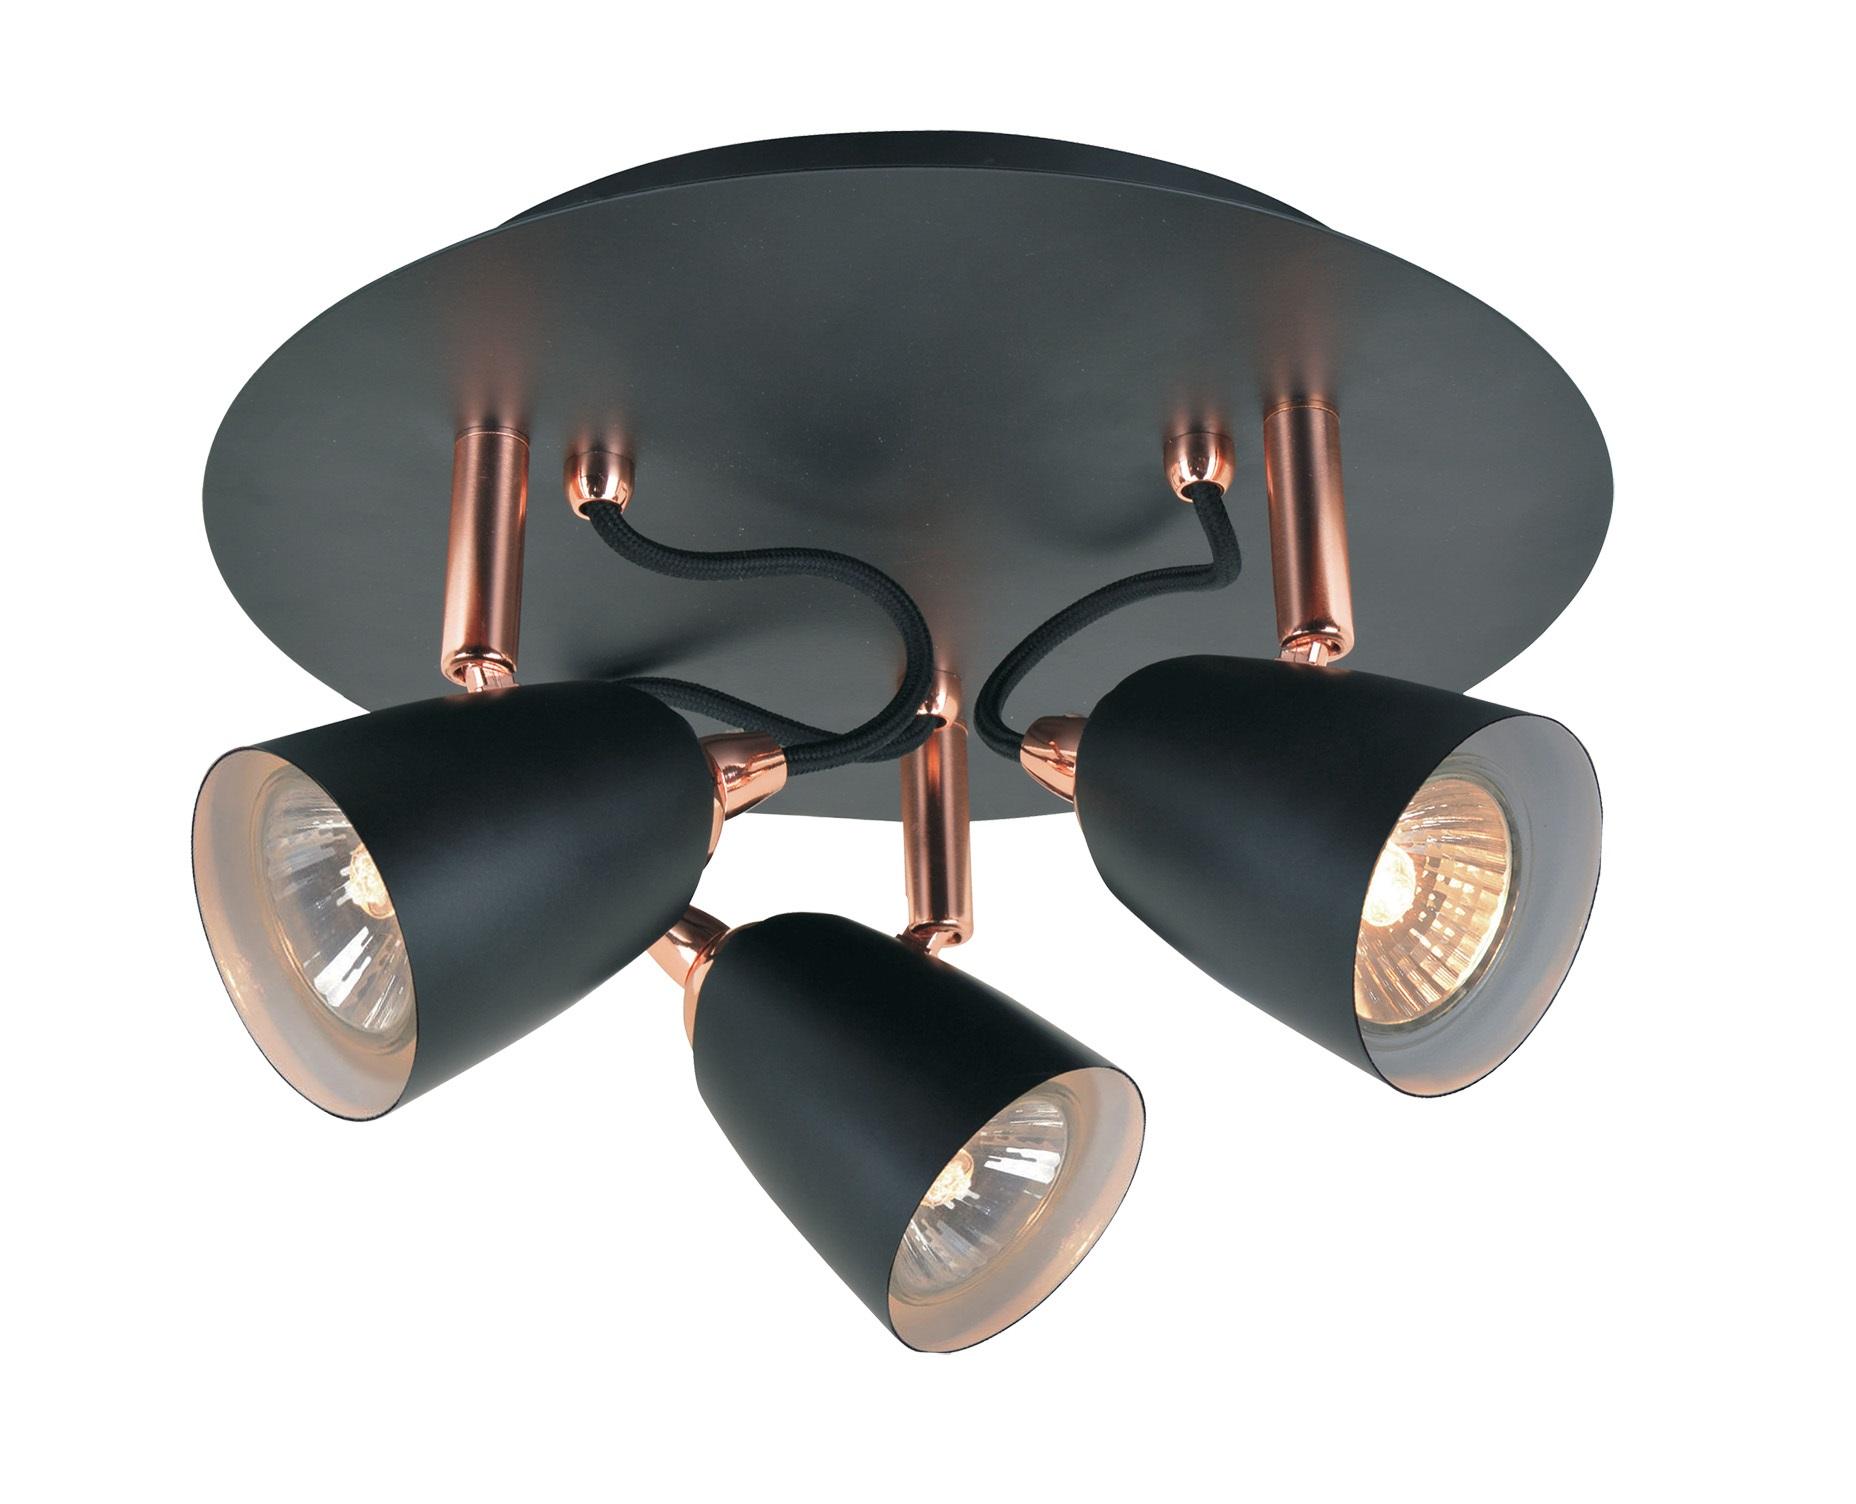 Настенно-потолочный светильникСпоты<br>&amp;lt;div&amp;gt;Вид цоколя: GU10&amp;lt;/div&amp;gt;&amp;lt;div&amp;gt;Мощность: &amp;amp;nbsp;50W&amp;lt;/div&amp;gt;&amp;lt;div&amp;gt;Количество ламп: 3 (есть в комплекте)&amp;lt;/div&amp;gt;<br><br>Material: Металл<br>Length см: None<br>Width см: 25<br>Height см: 15